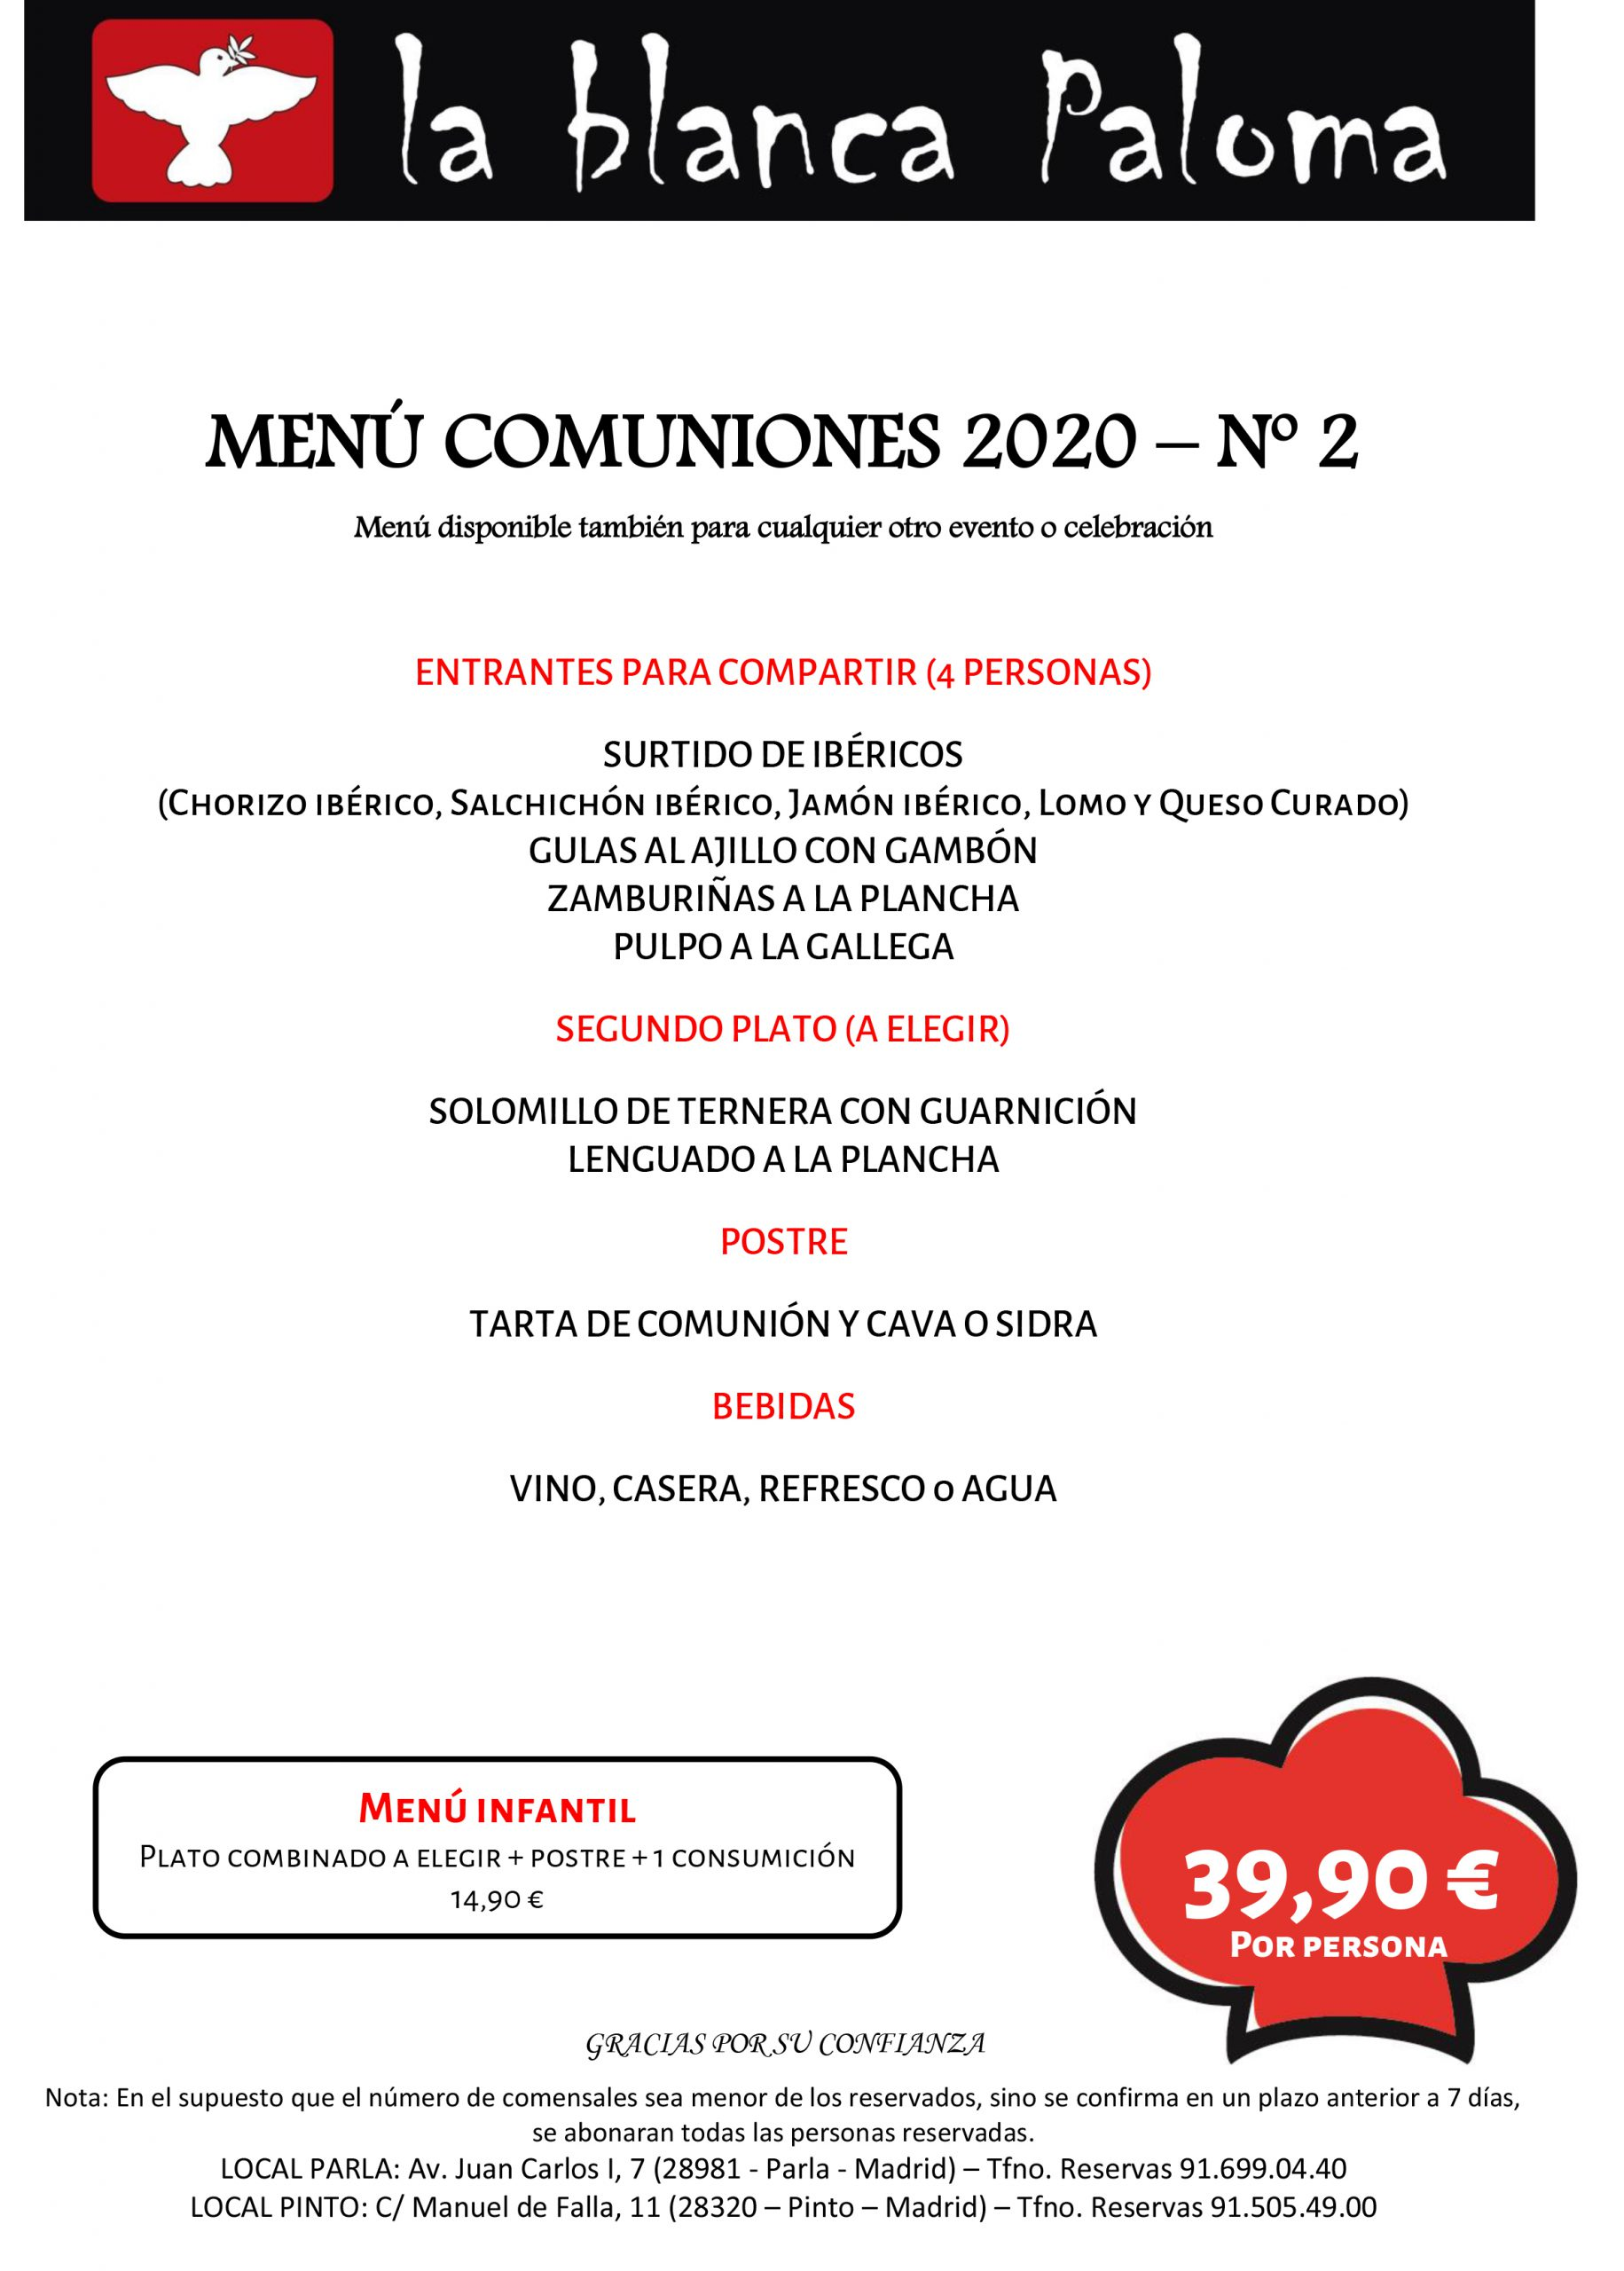 MENU COMUNIONES 2020